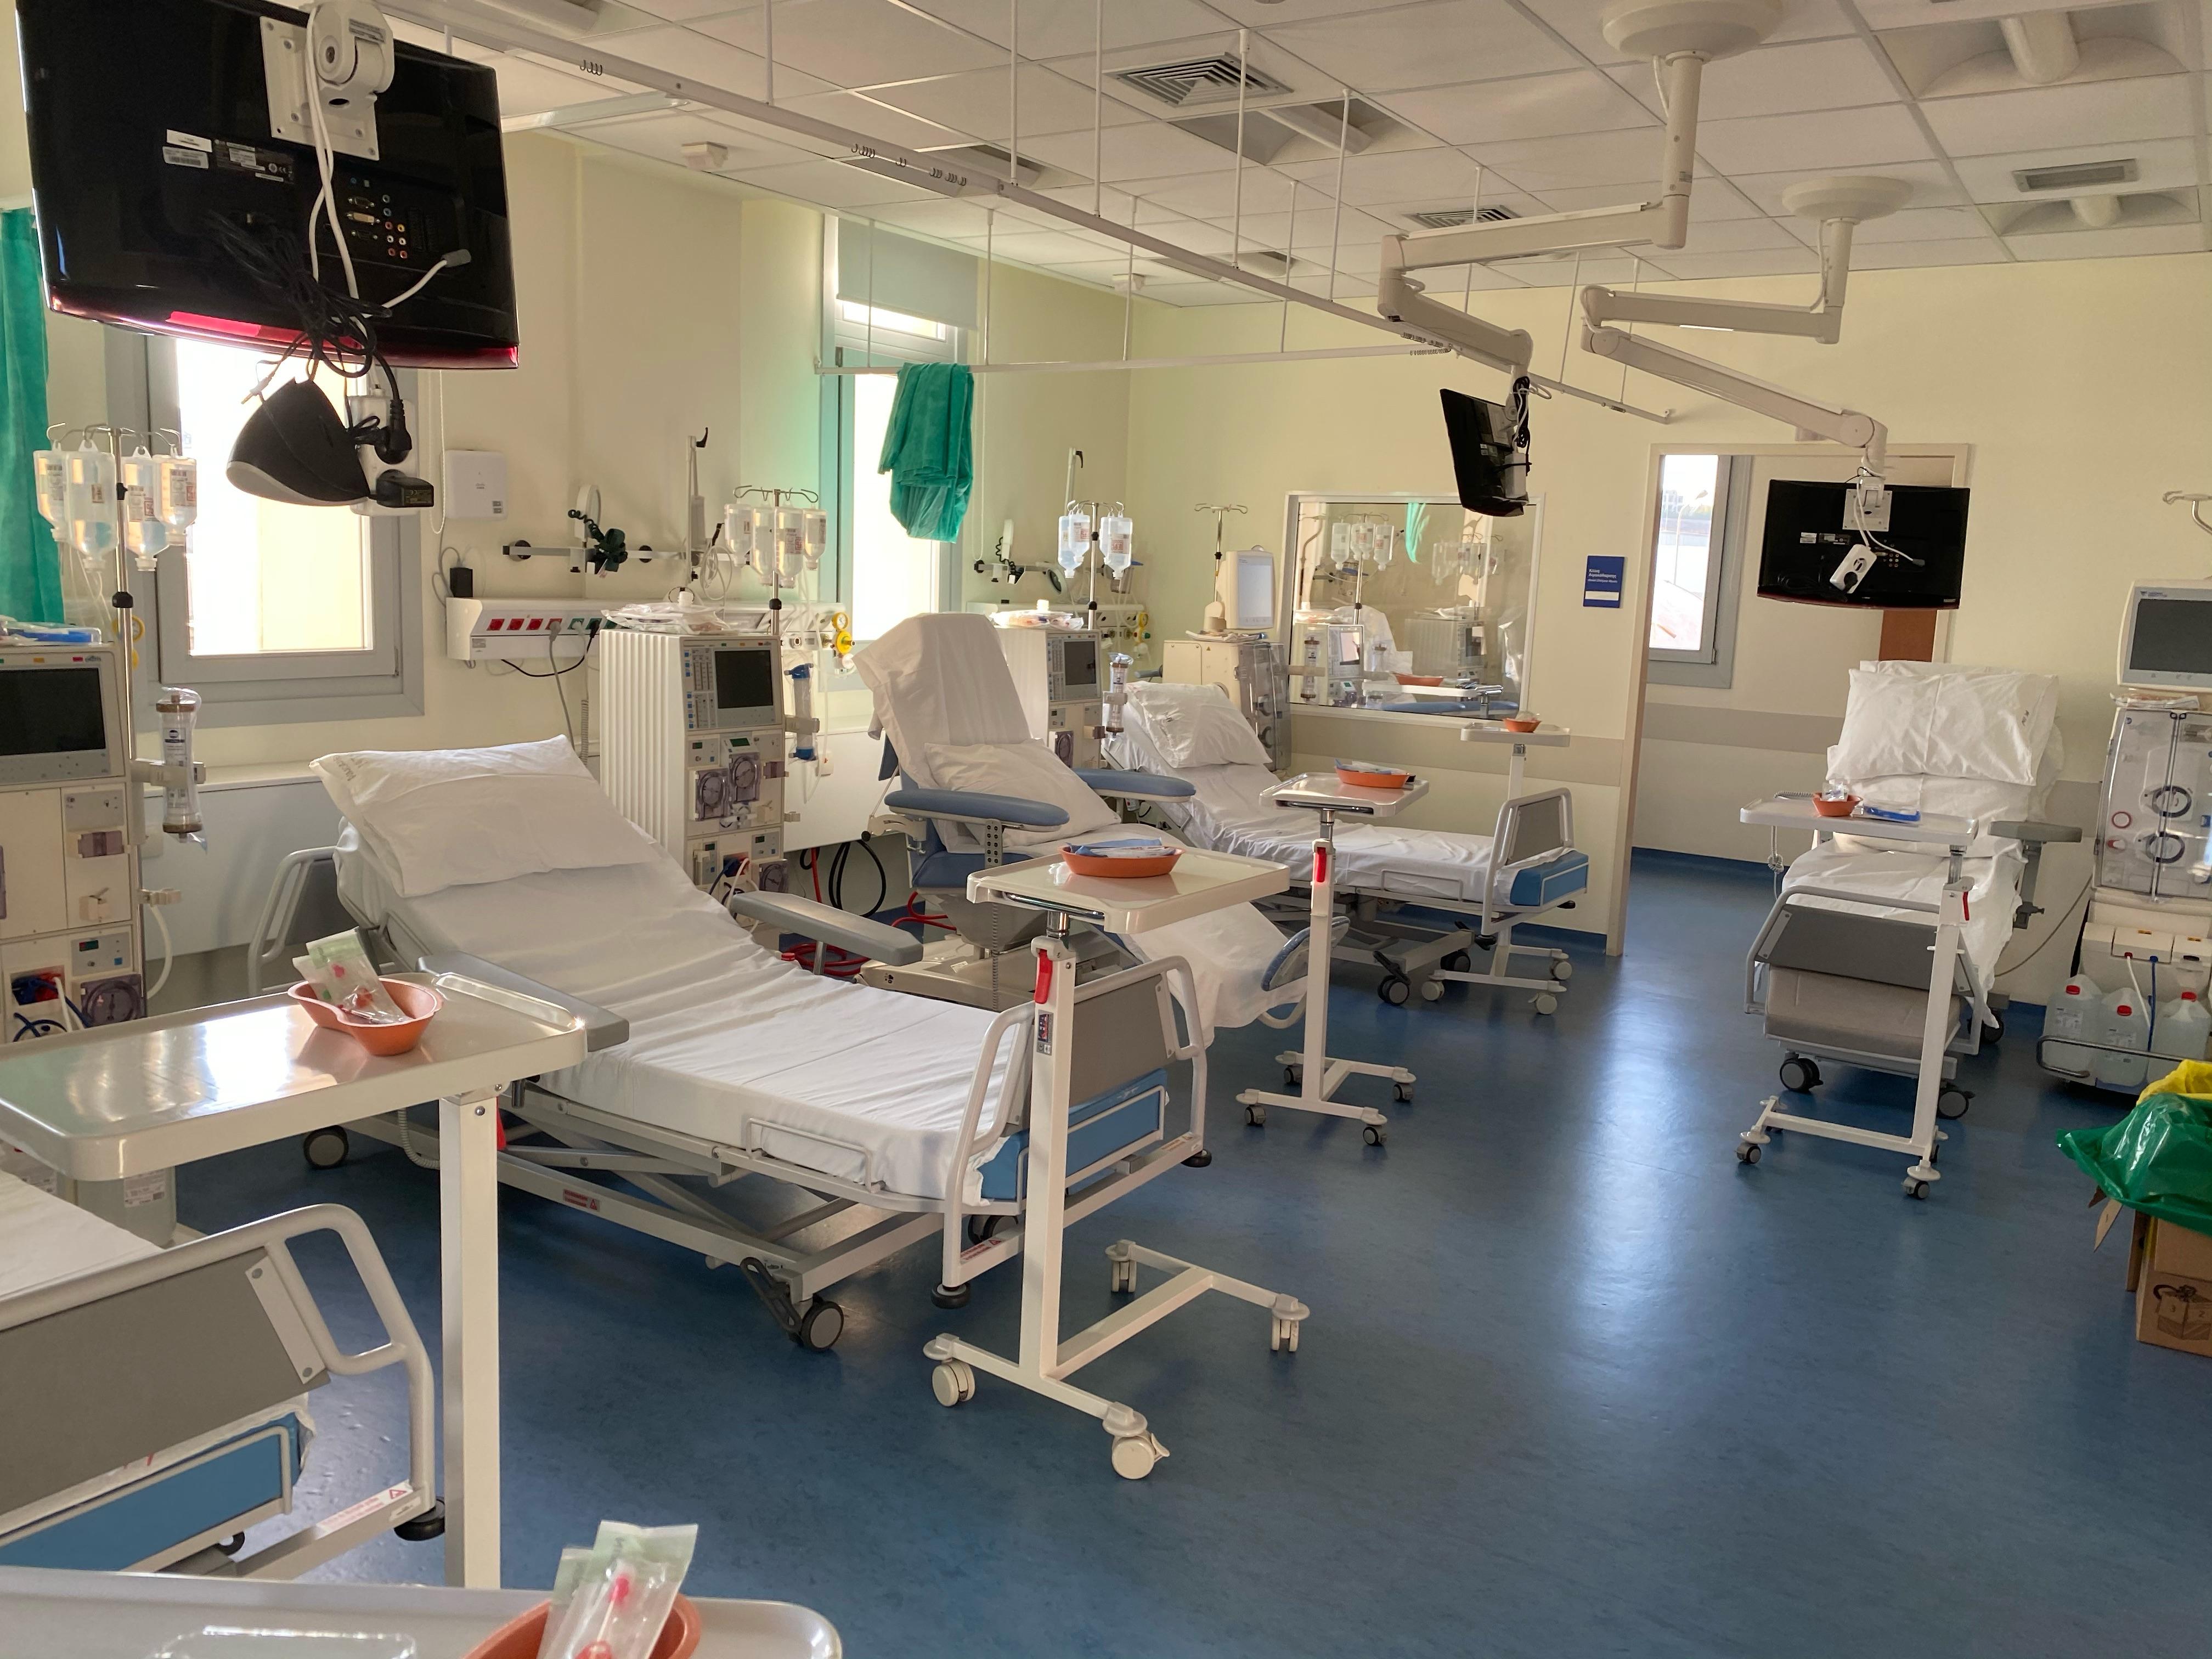 Δωρεά τριών ολοκληρωμένων μονάδων αιμοκάθαρσης της SEAJETS στο Γενικό Nοσοκομείο Θήρας.